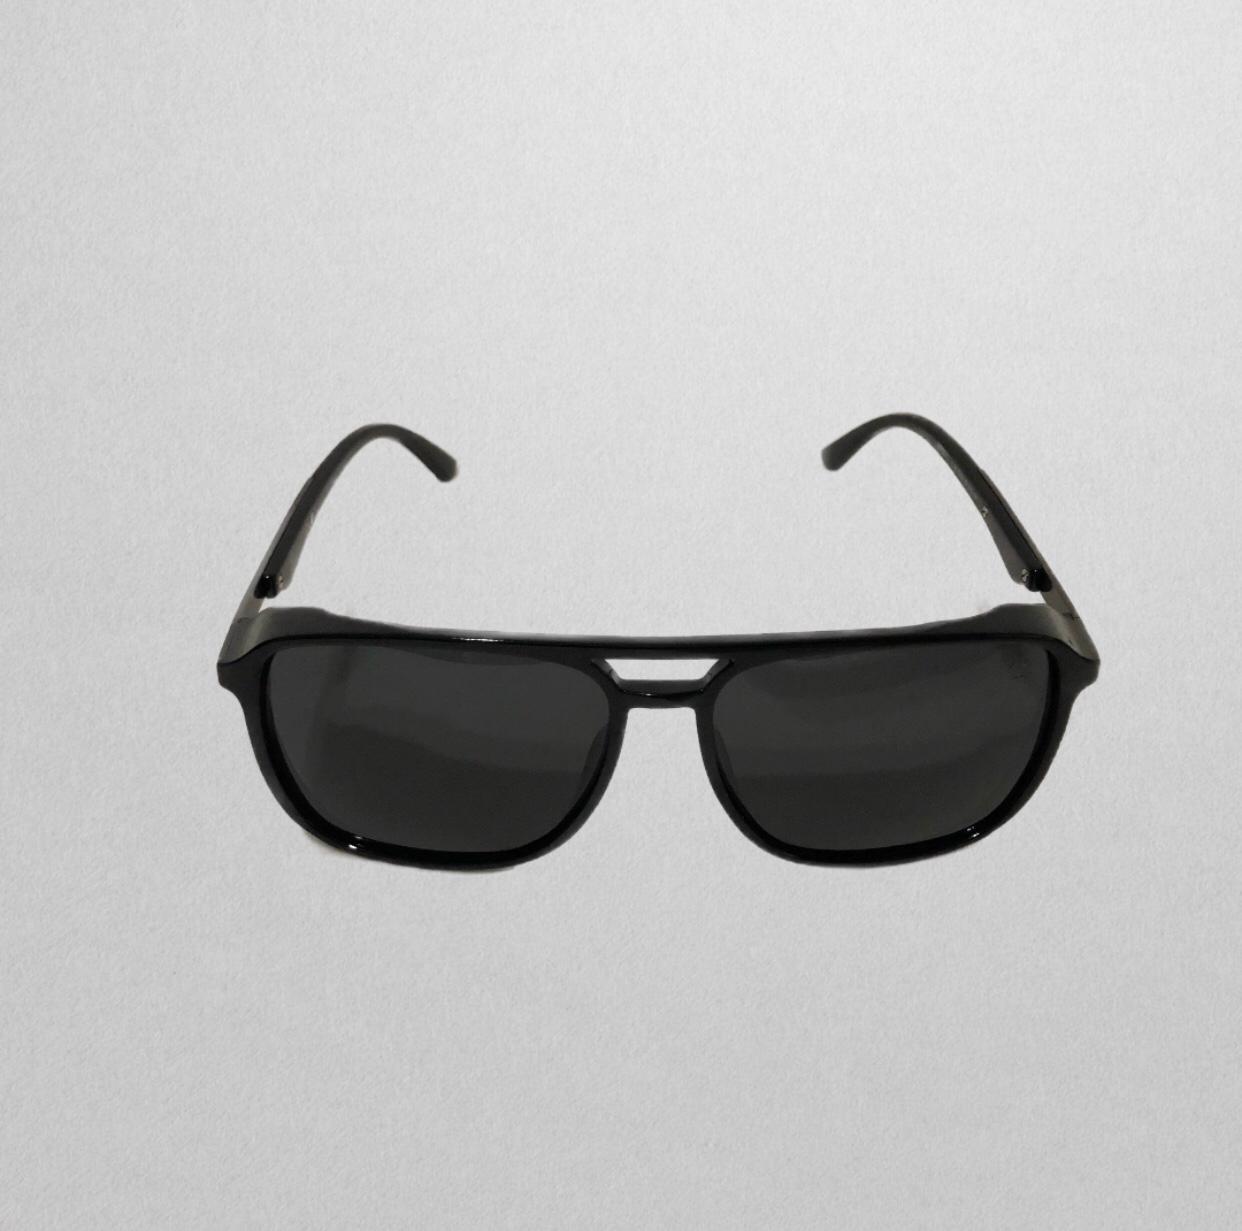 Óculos Royale Acetato Brilhante